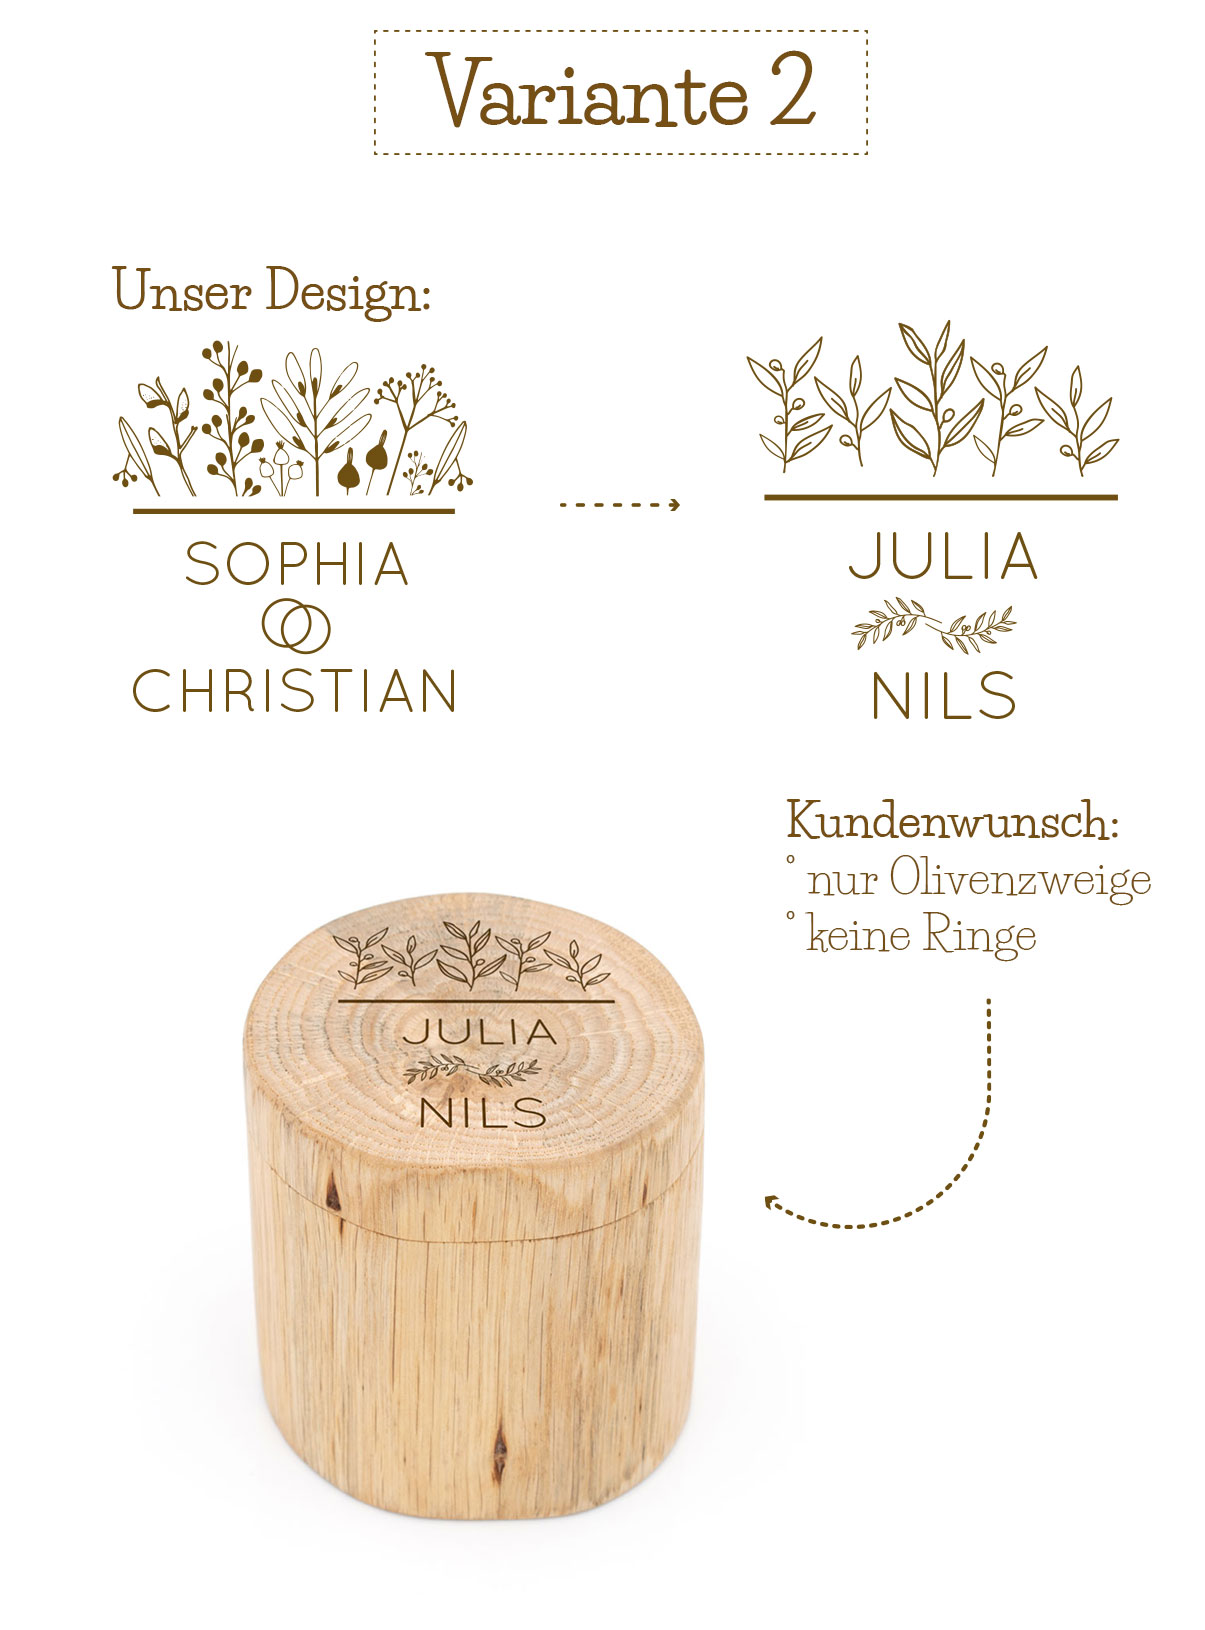 Eigenes Design, Variante 2